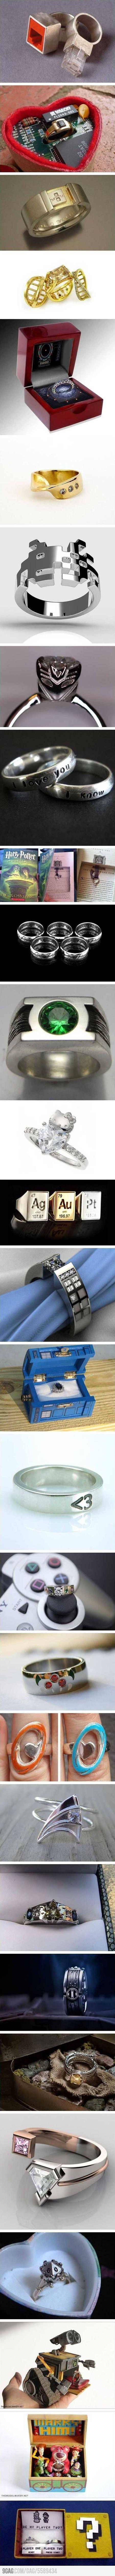 My kind of wedding rings. :-)